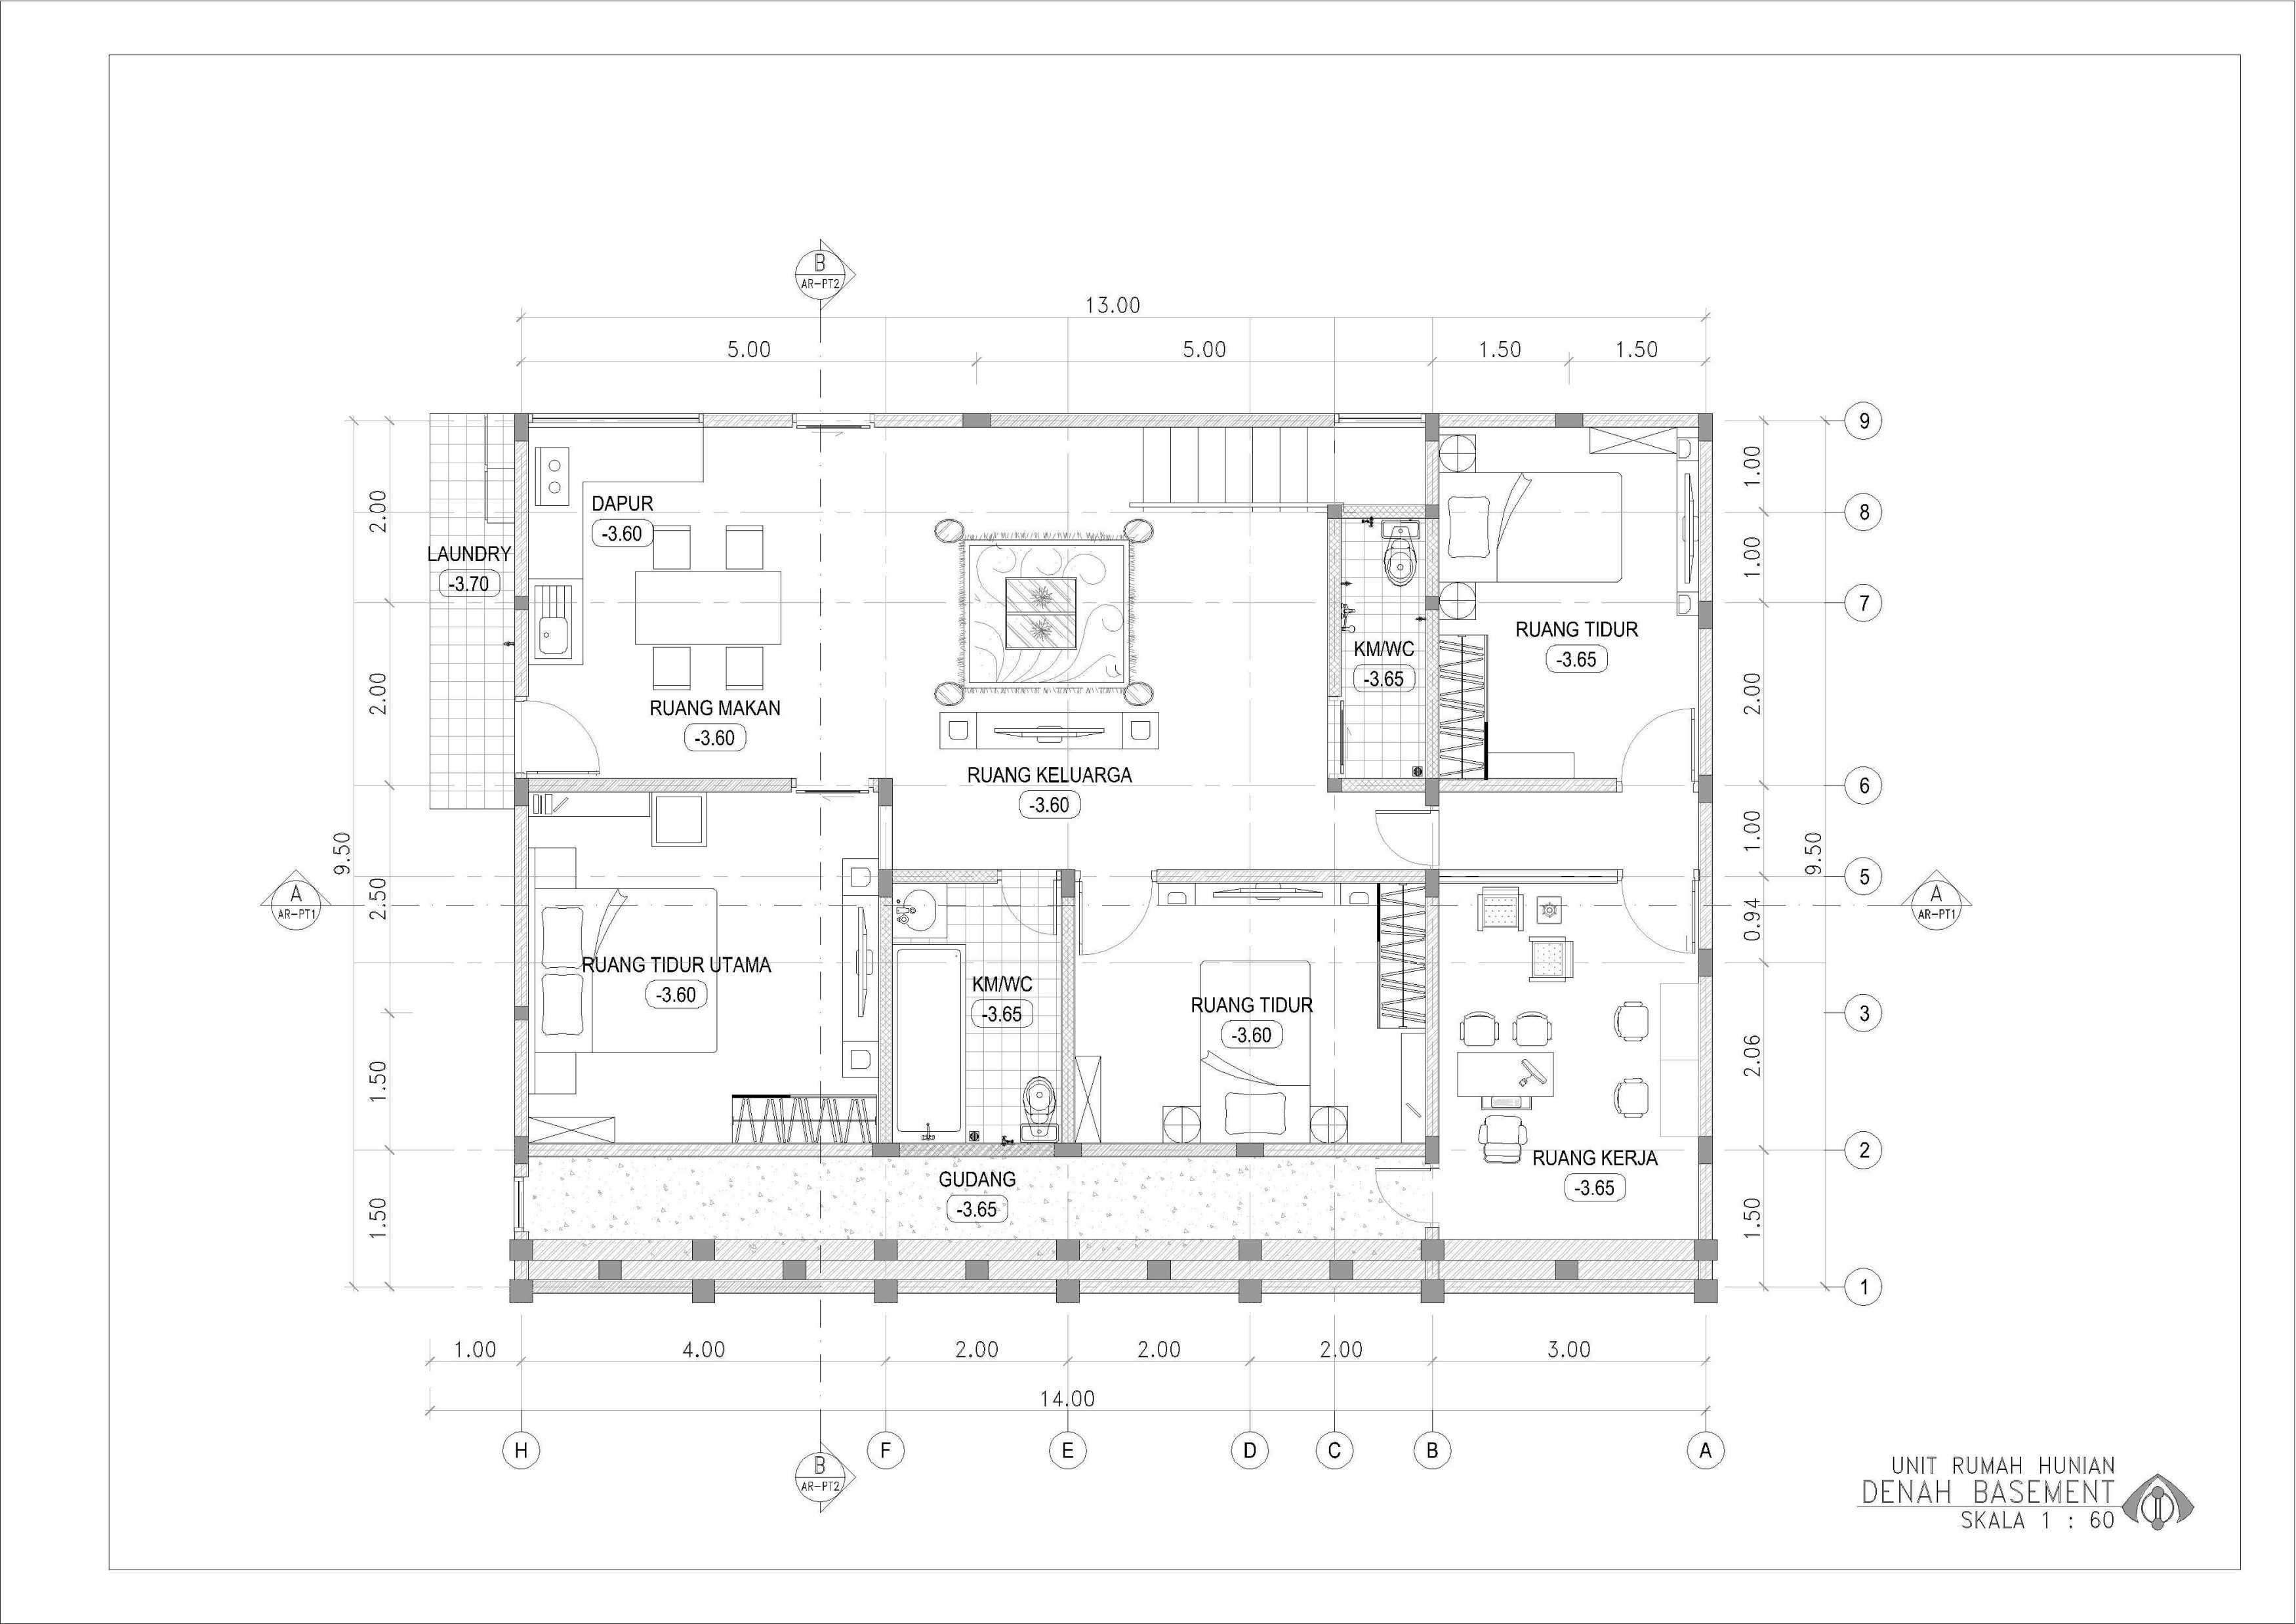 Ansitama Architecture Studio Rumah Hunian Bapak Hijri Jambi, Kota Jambi, Jambi, Indonesia Jambi, Kota Jambi, Jambi, Indonesia Ansitama-Architetcture-Studio-Rumah-Hunian-Bapak-Hijri   56255